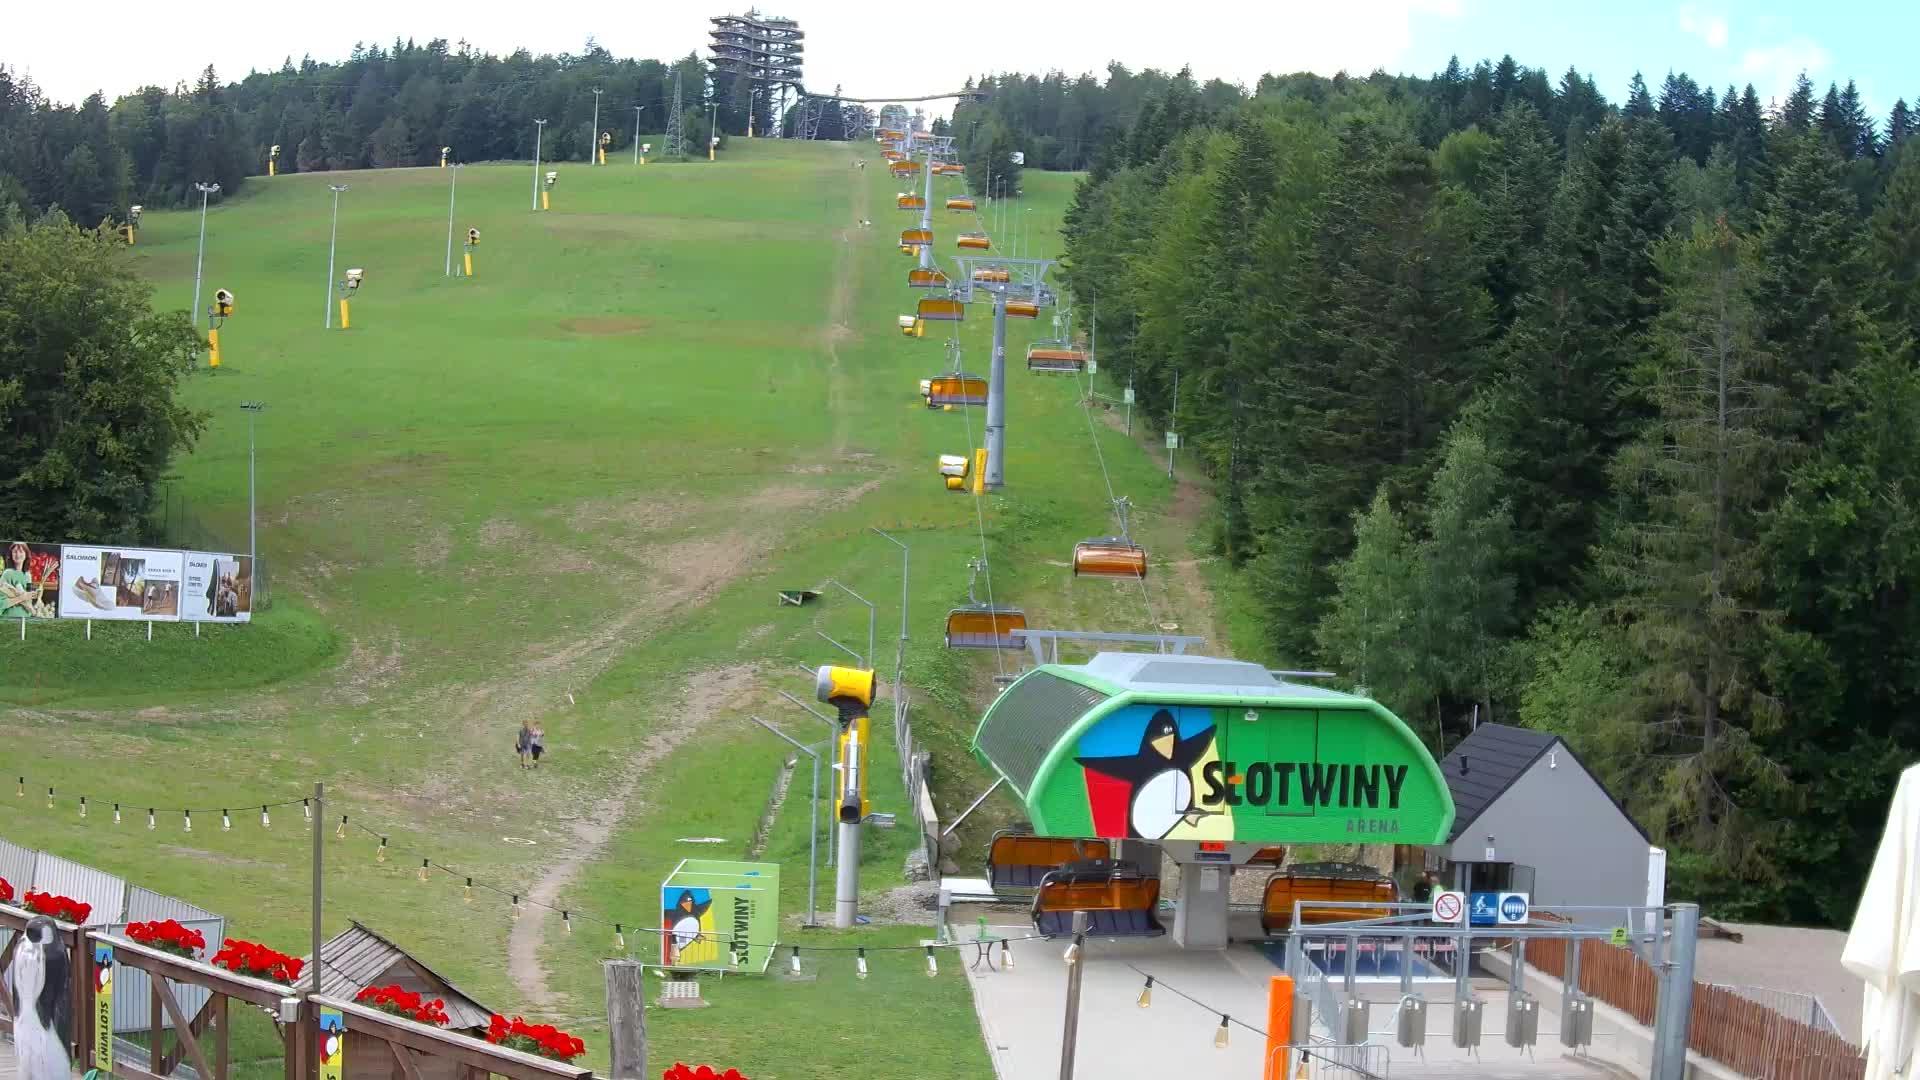 Stok narciarski Azoty